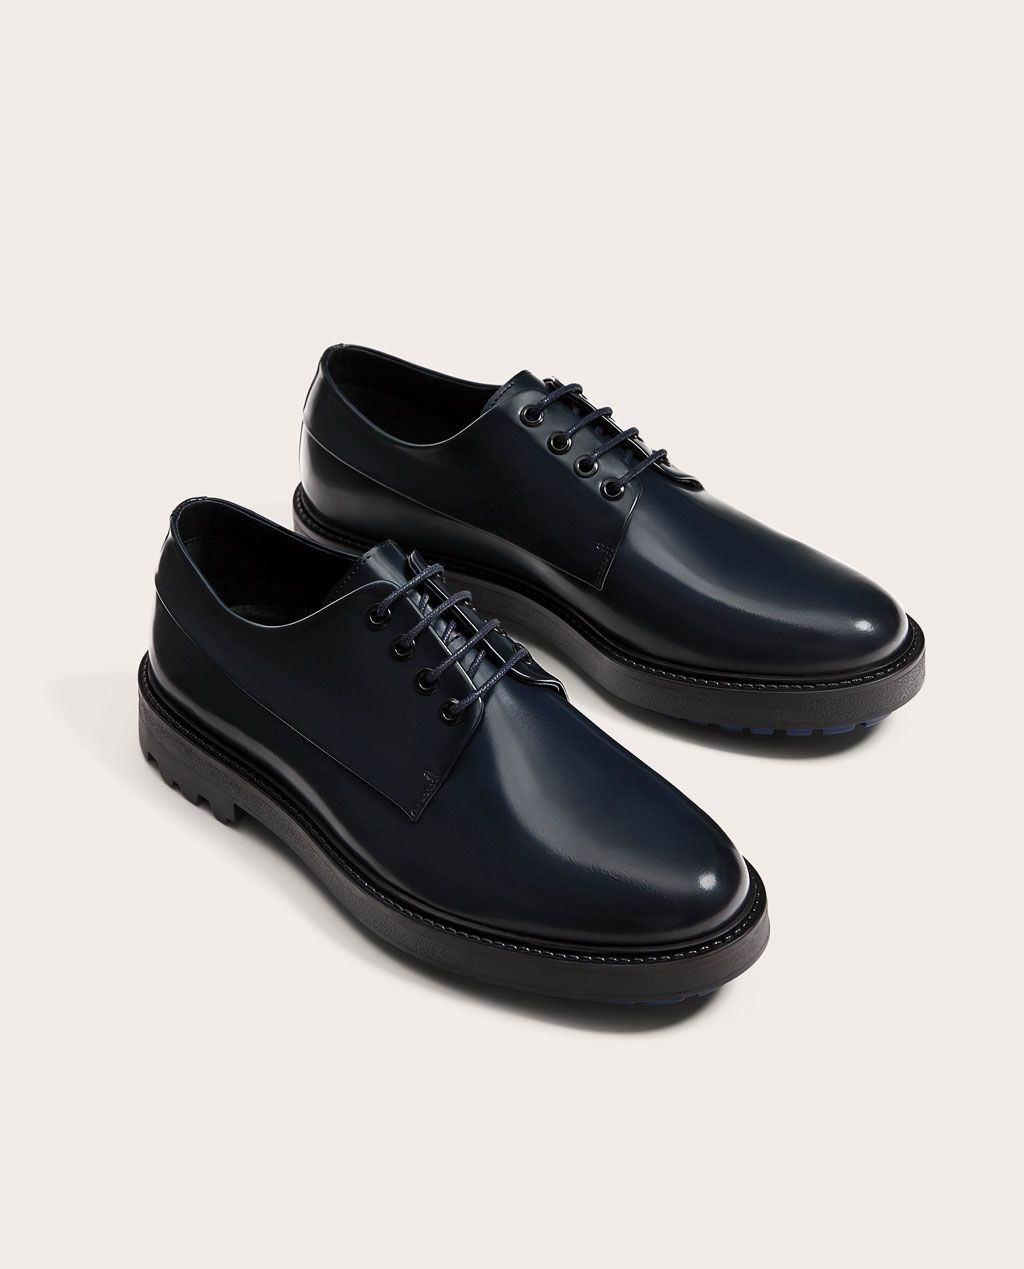 Hommes Chaussures En Cuir - Chaussures Lacets Homme Bleu Peau Autre Bleu, Bleu, Taille 40 Eu